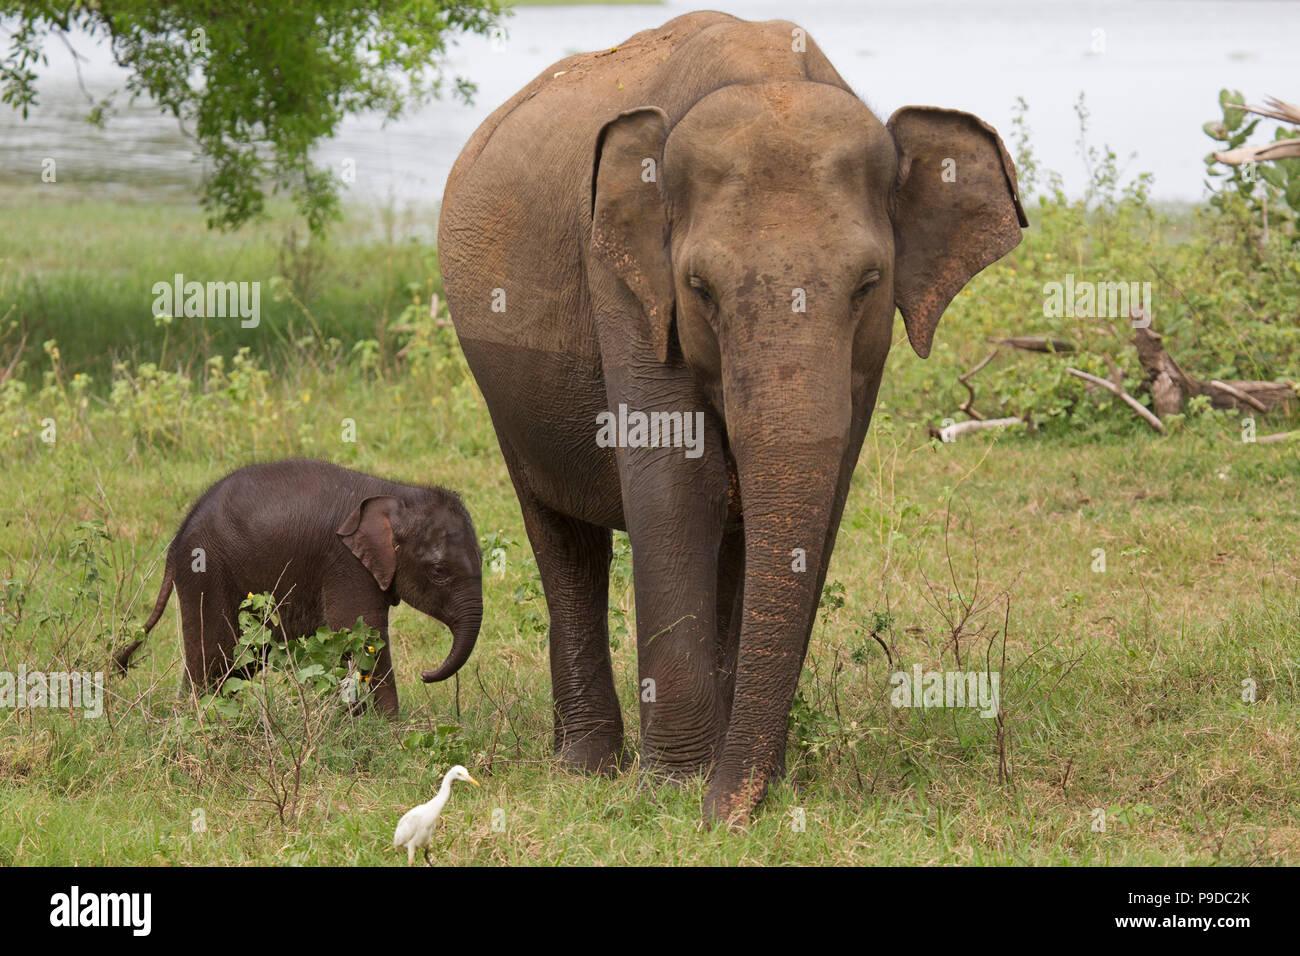 Bébé éléphant avec sa mère dans le Parc National Minneriya au Sri Lanka. Éléphant (Elephas maximus) sont réputés pour se rassembler autour du réservoir Banque D'Images